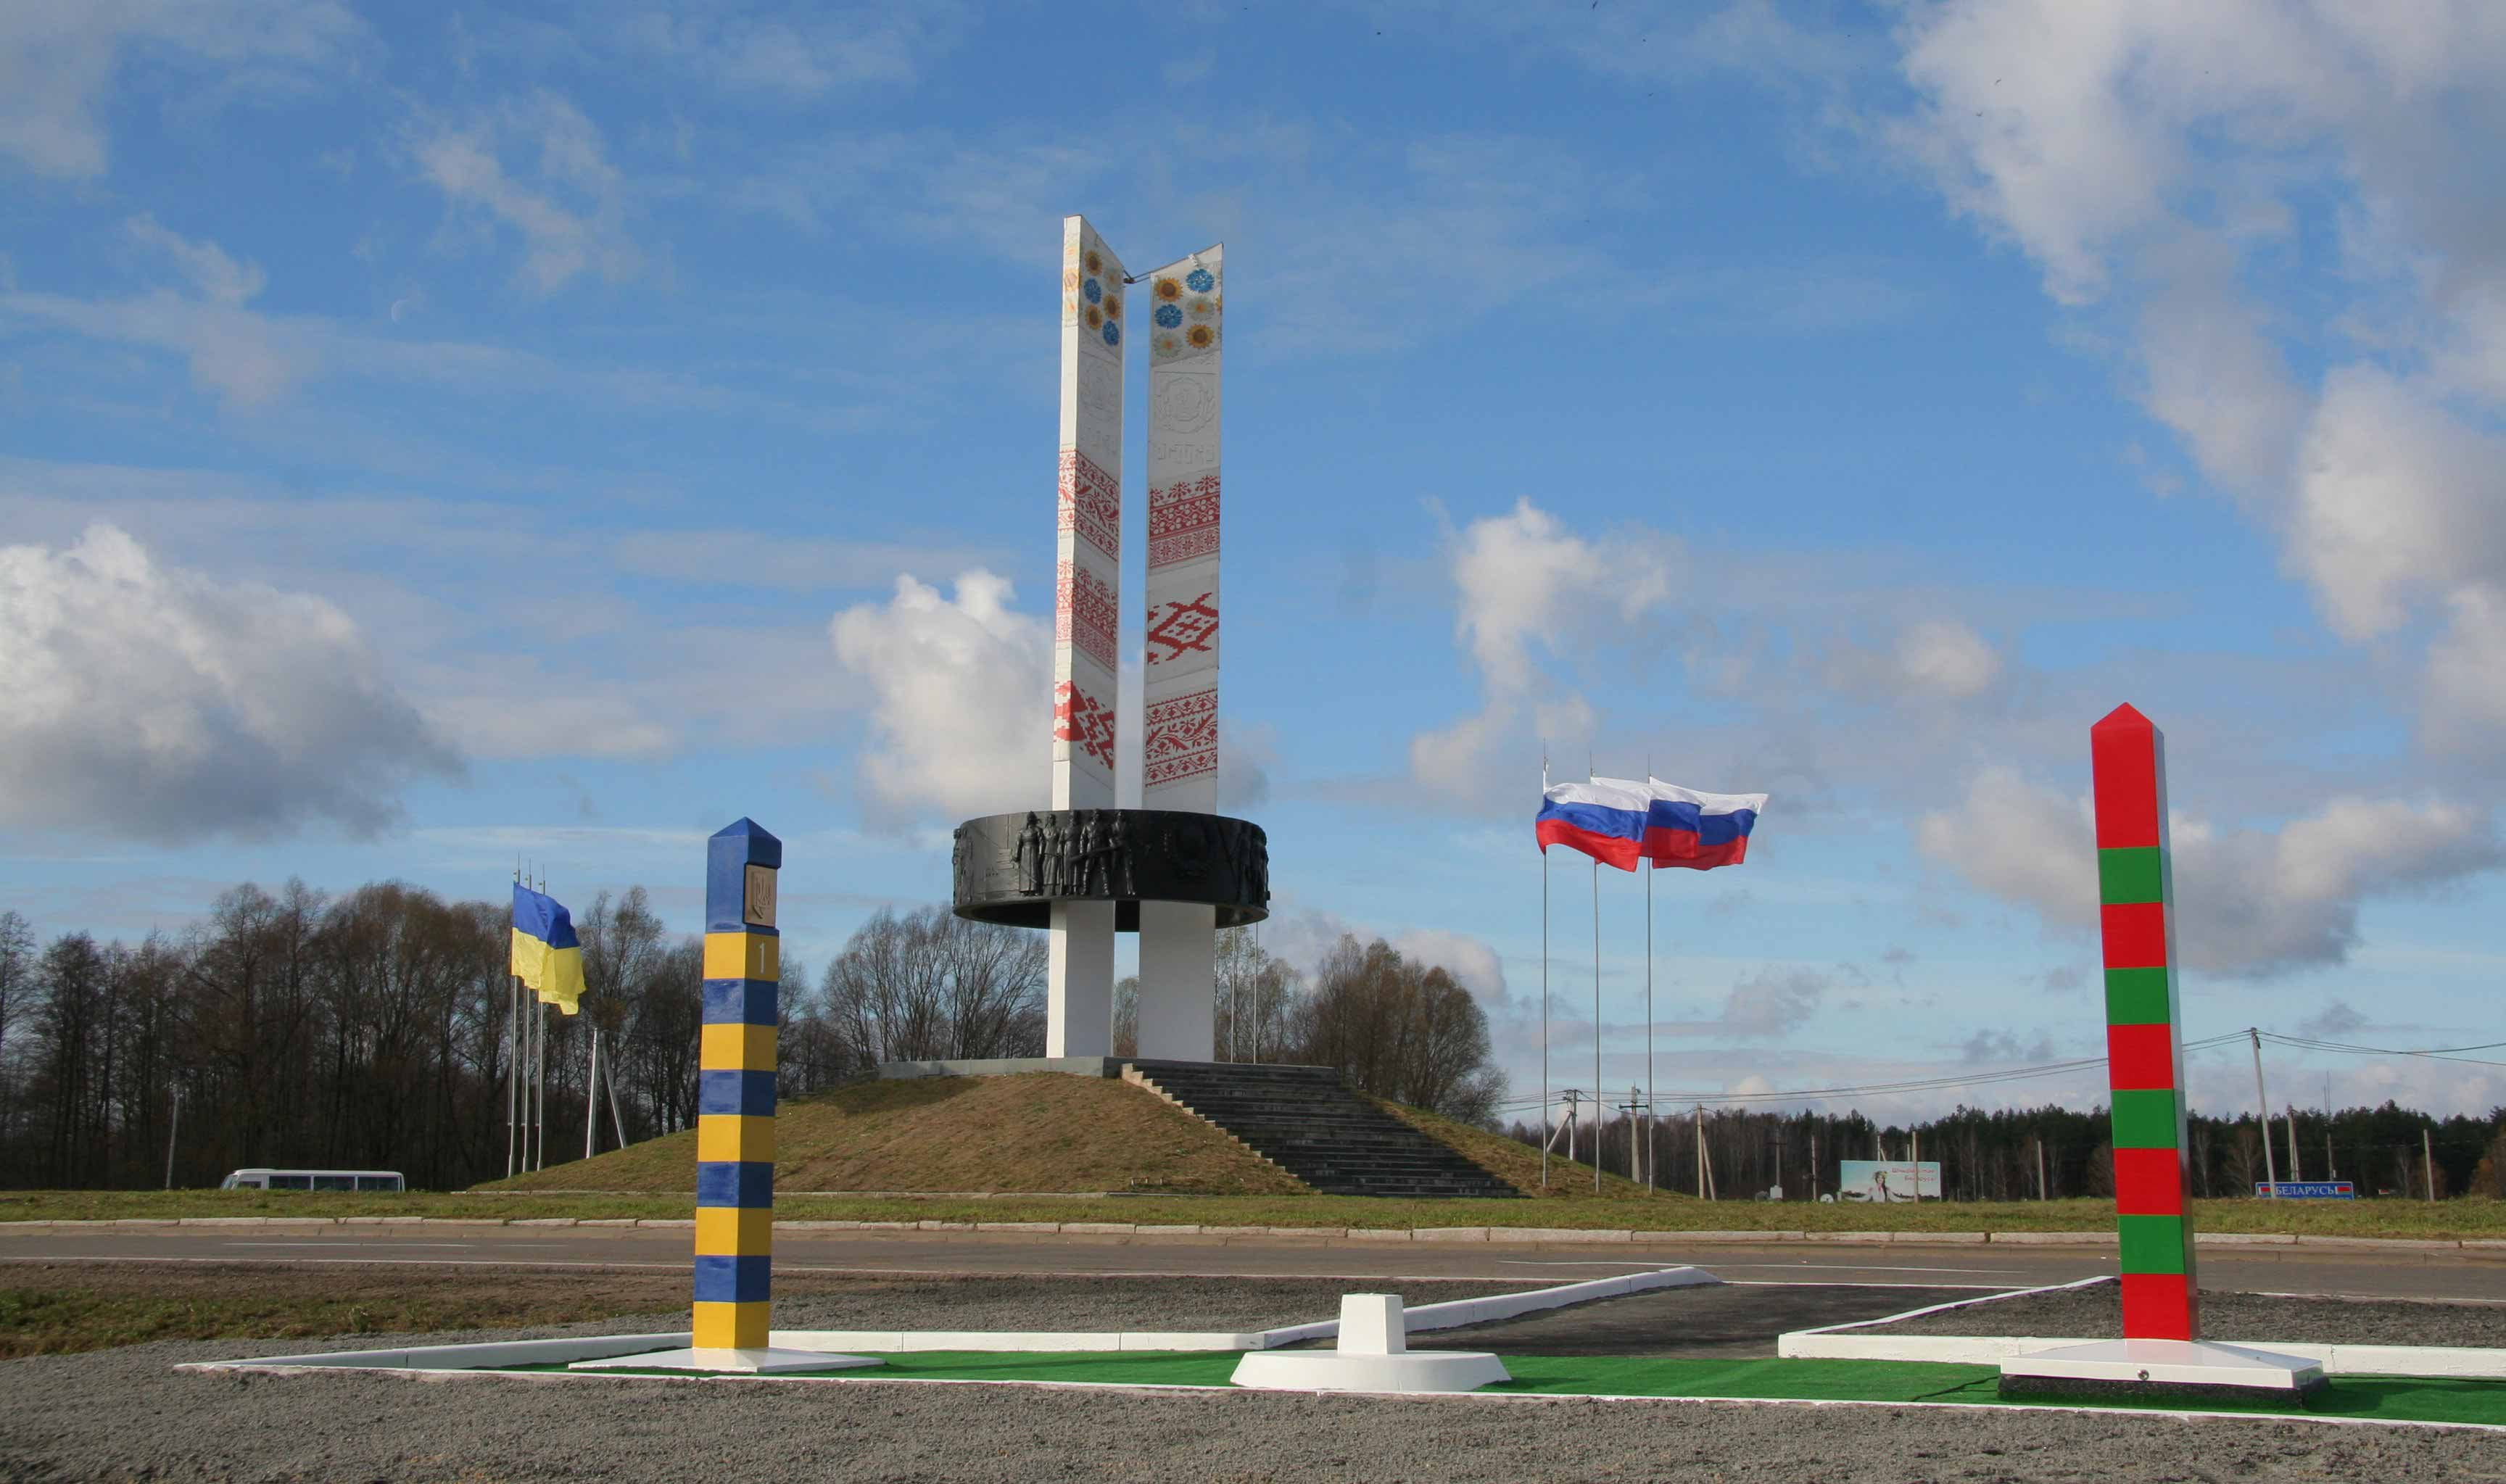 Духовная война: наши планируют прорыв на территорию России